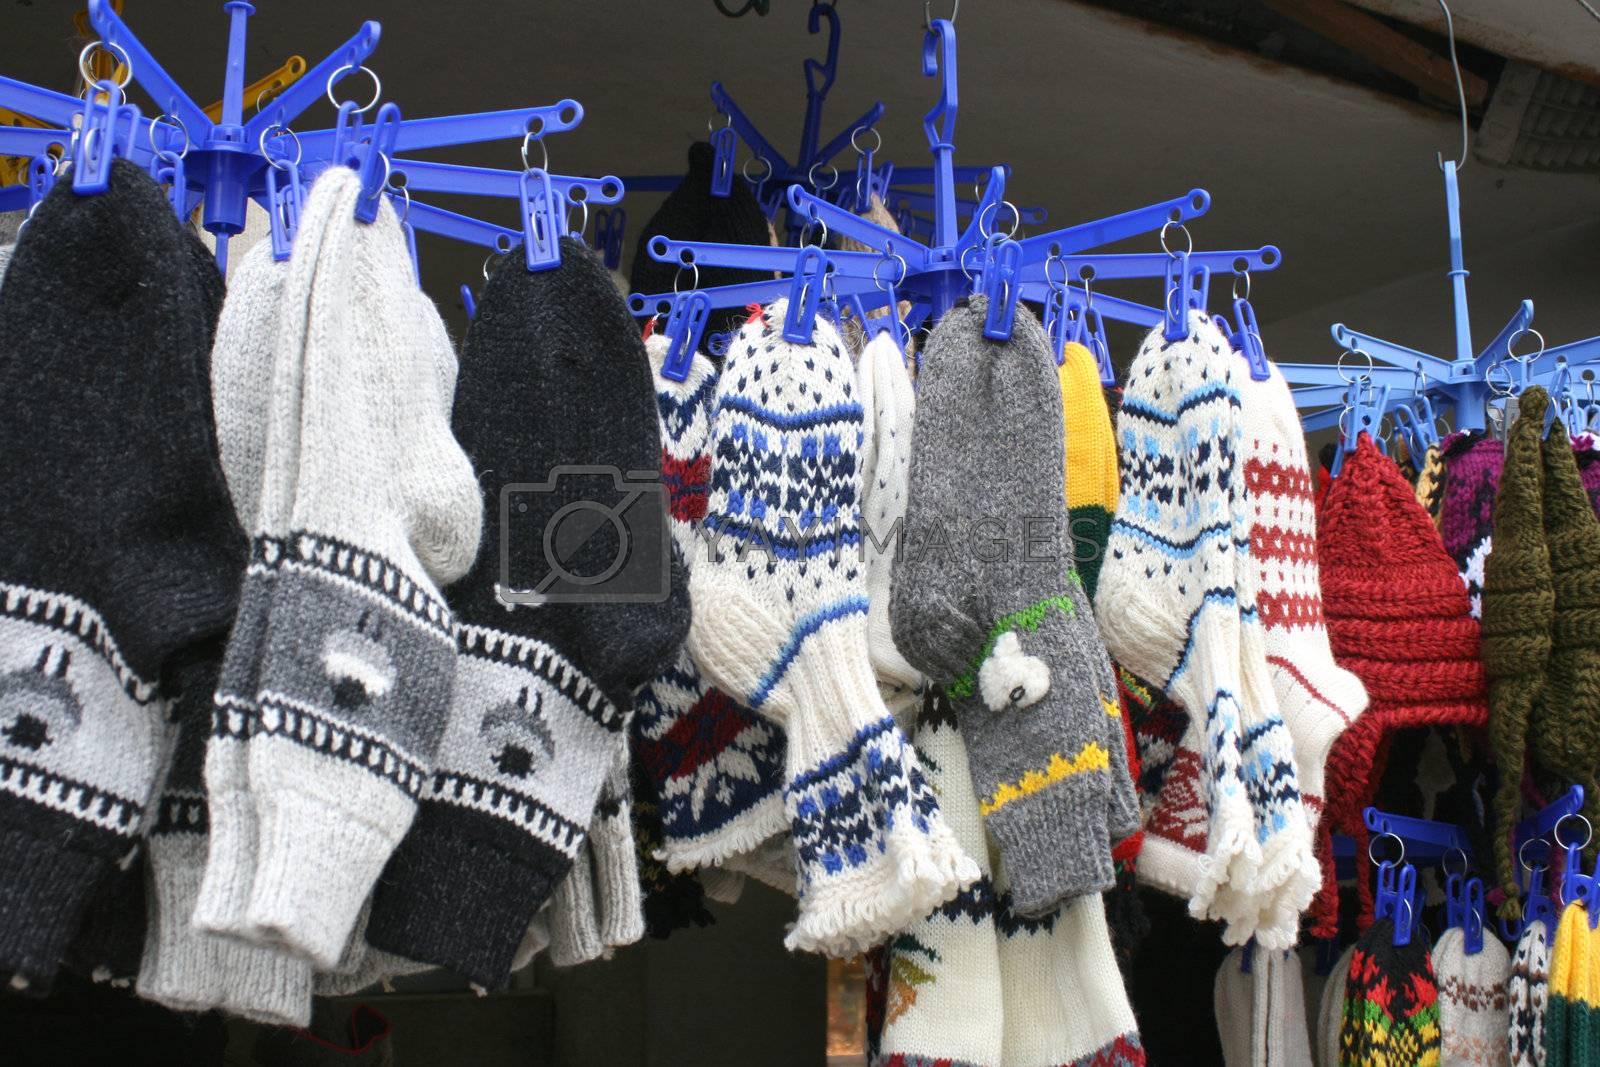 Wool socks for sale by Cebas